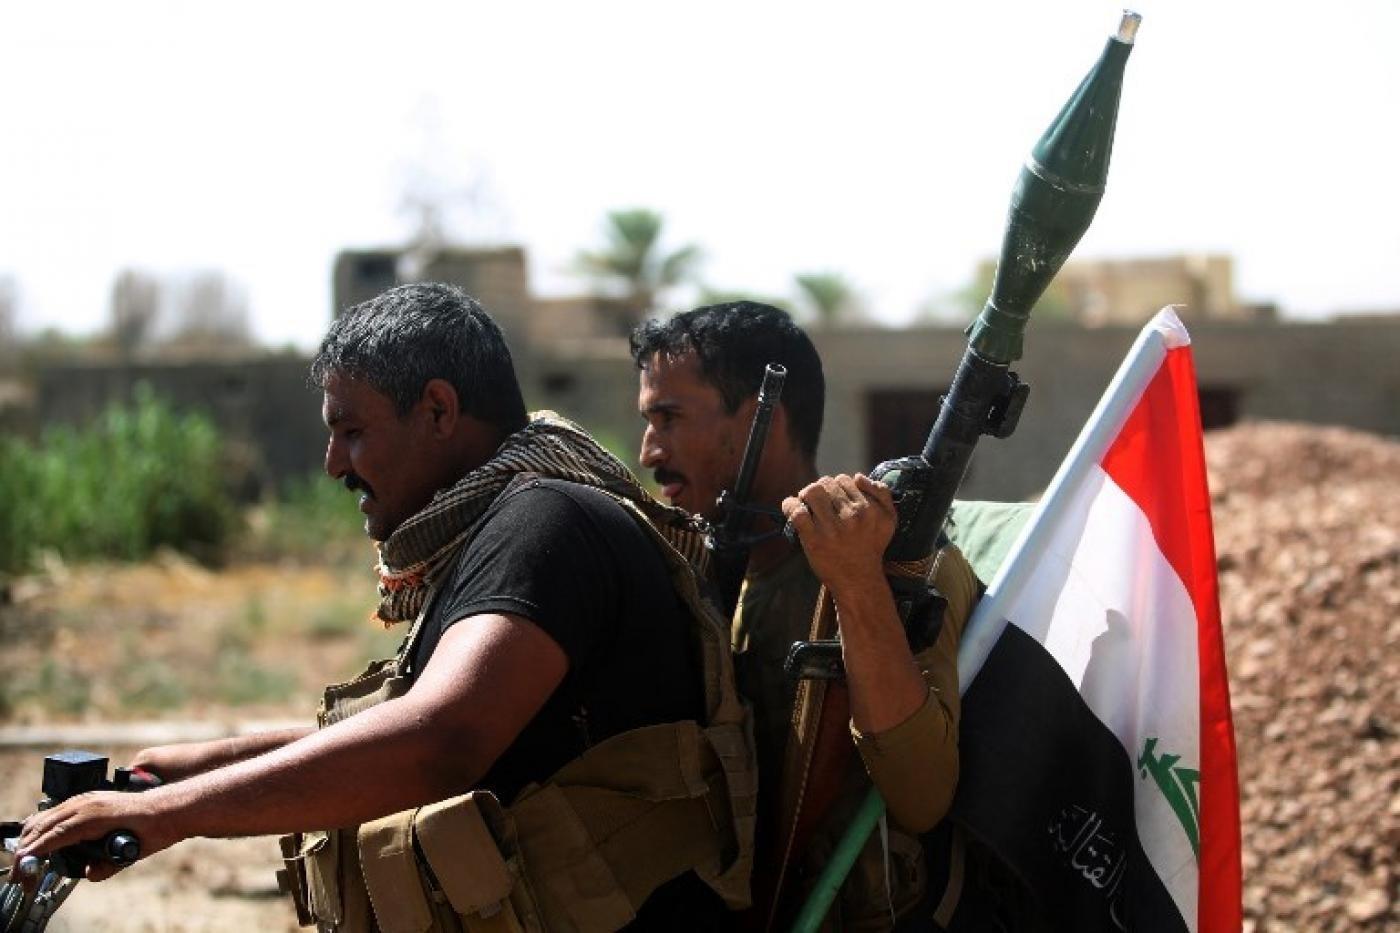 مرة أخرى.. ضرورة وجود الحشد الشعبي في العراق